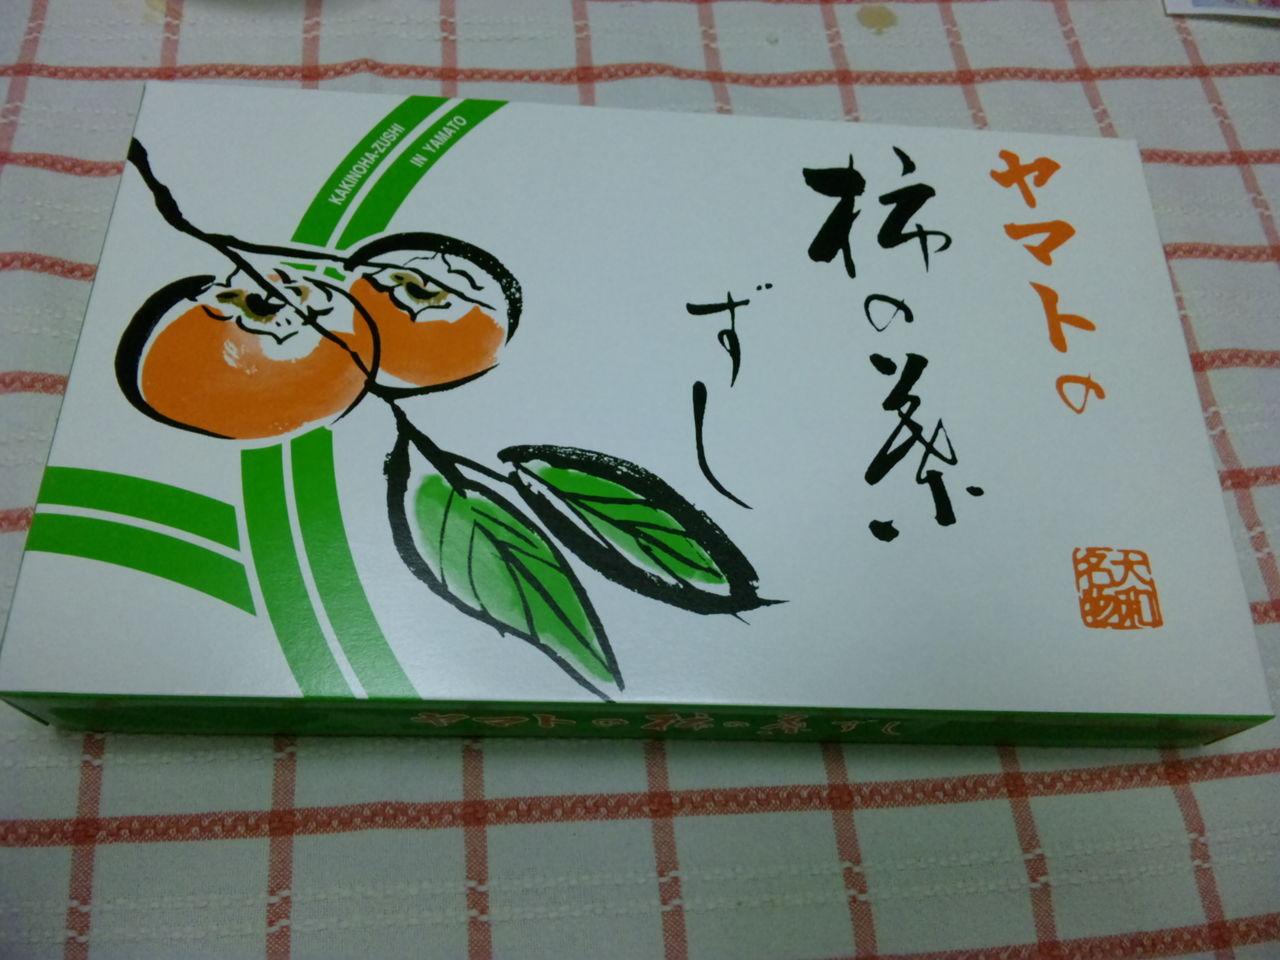 柿の葉ずしヤマト あすか店